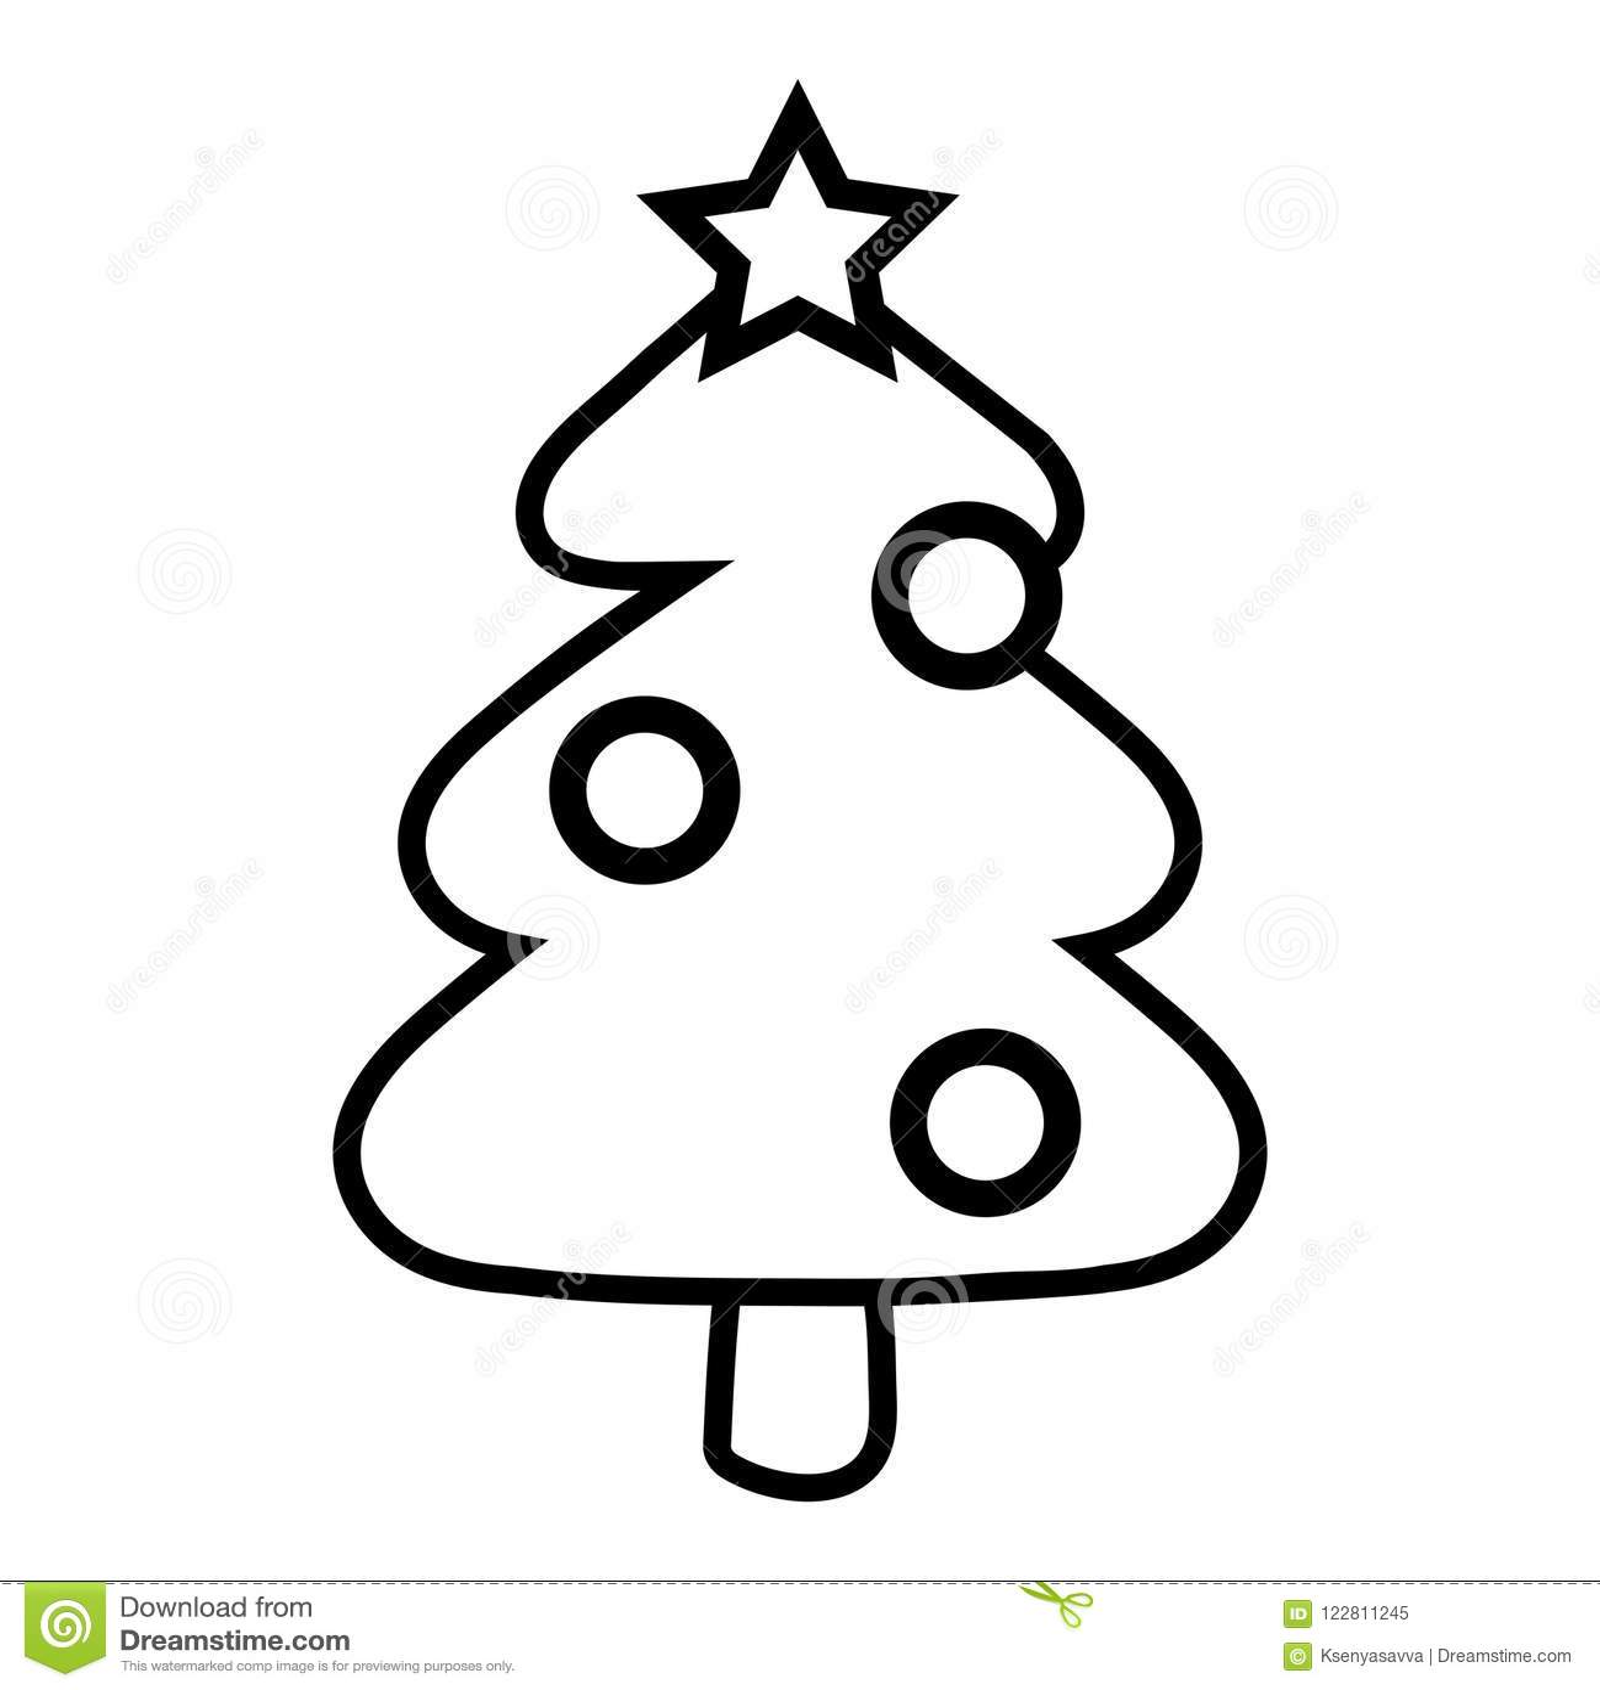 Albero Di Natale Da Colorare.Libro Da Colorare Albero Di Natale Illustrazione Vettoriale